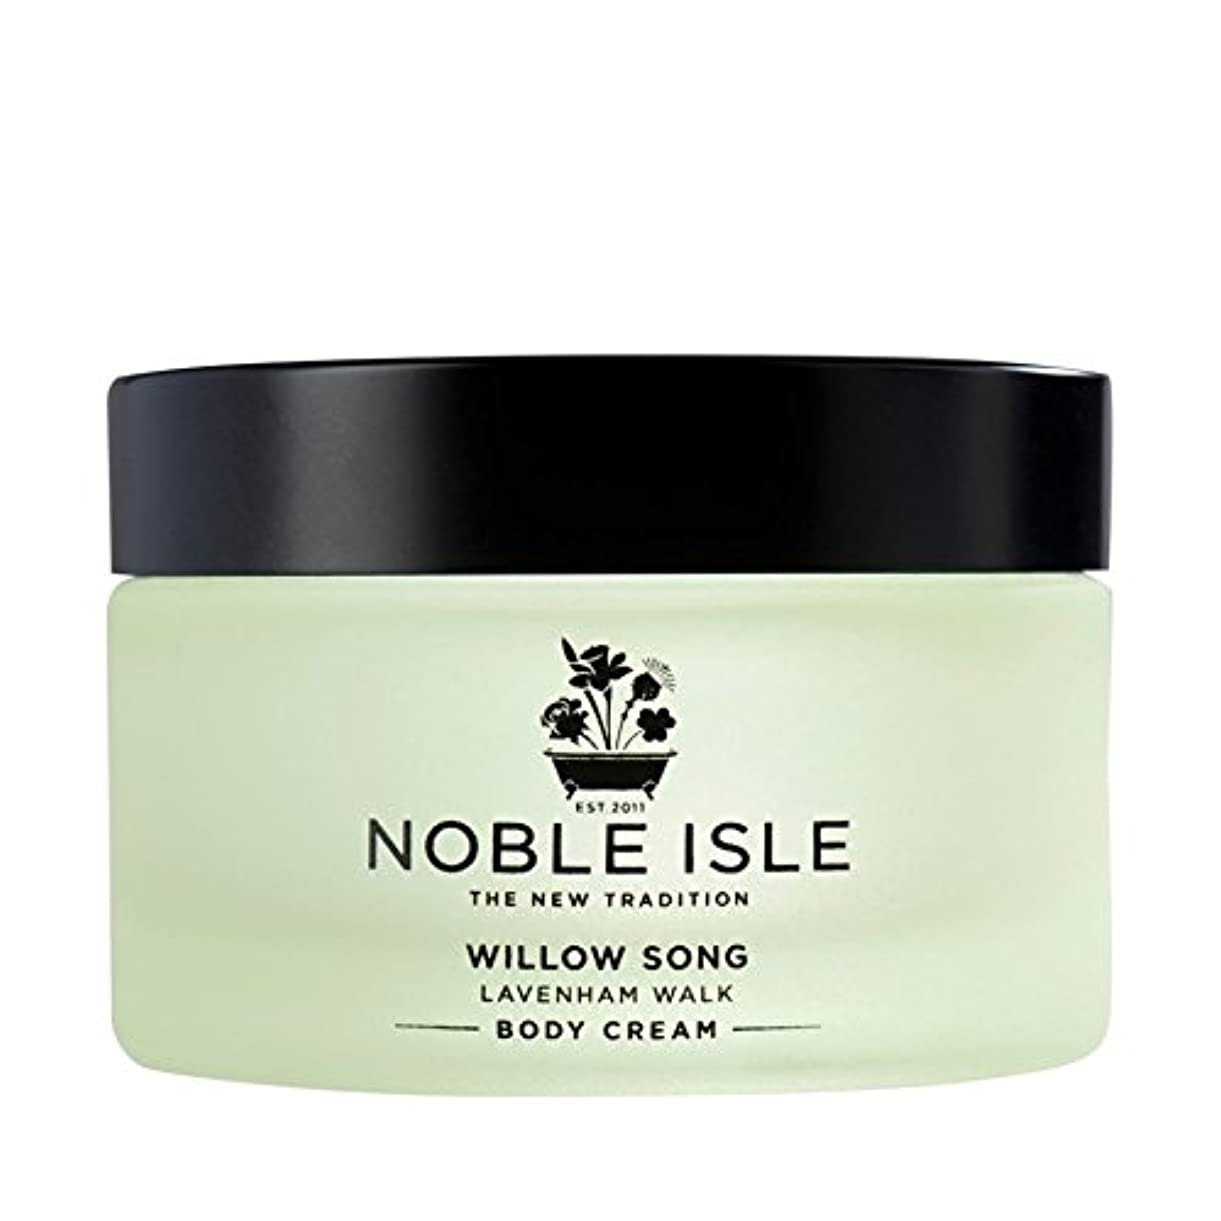 チャンピオン一節ホーン高貴な島柳の歌ラヴァンハム徒歩ボディクリーム170ミリリットル x4 - Noble Isle Willow Song Lavenham Walk Body Cream 170ml (Pack of 4) [並行輸入品]